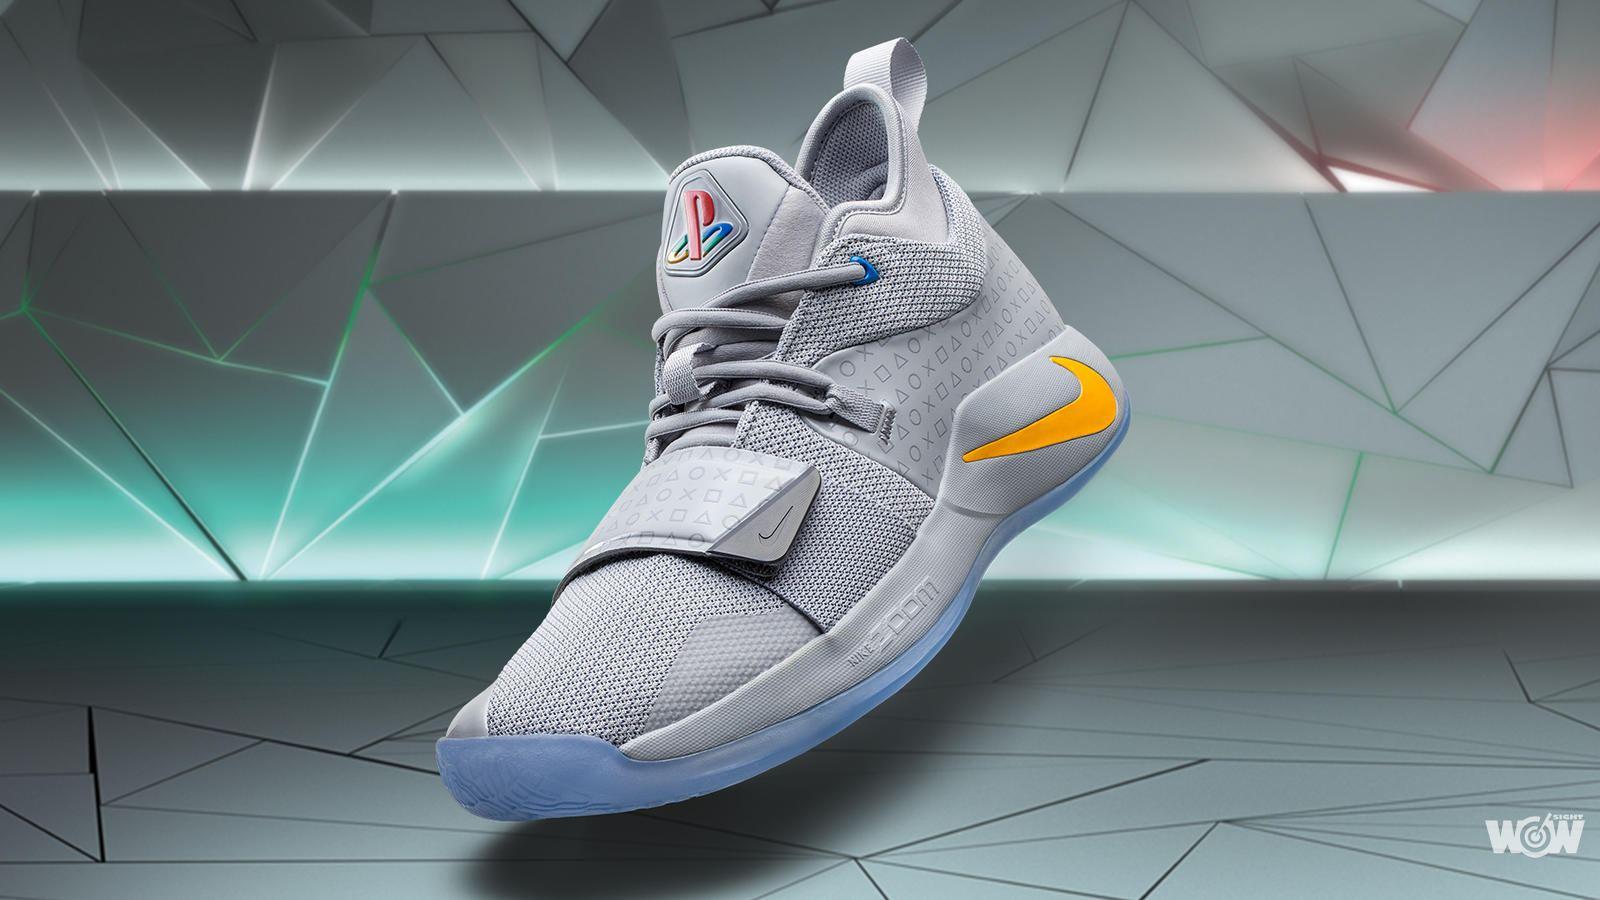 ffbe29f08ac 《籃球》Nike PG 2.5 x PlayStation 熱愛的初心- WOWSight